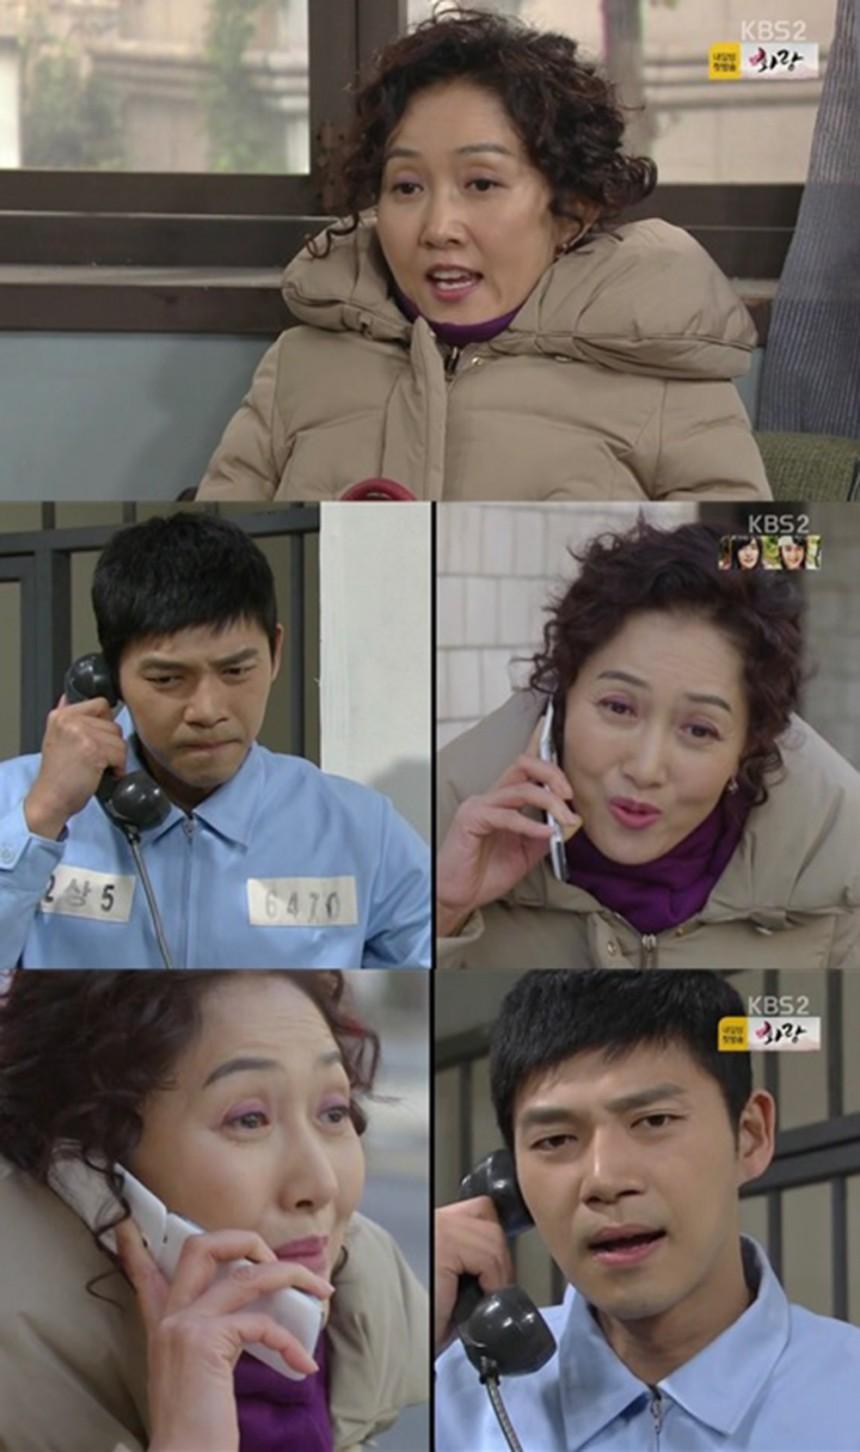 '월계수 양복점 신사들' 정경순-지승현 / KBS2 '월계수 양복점 신사들' 방송캡처